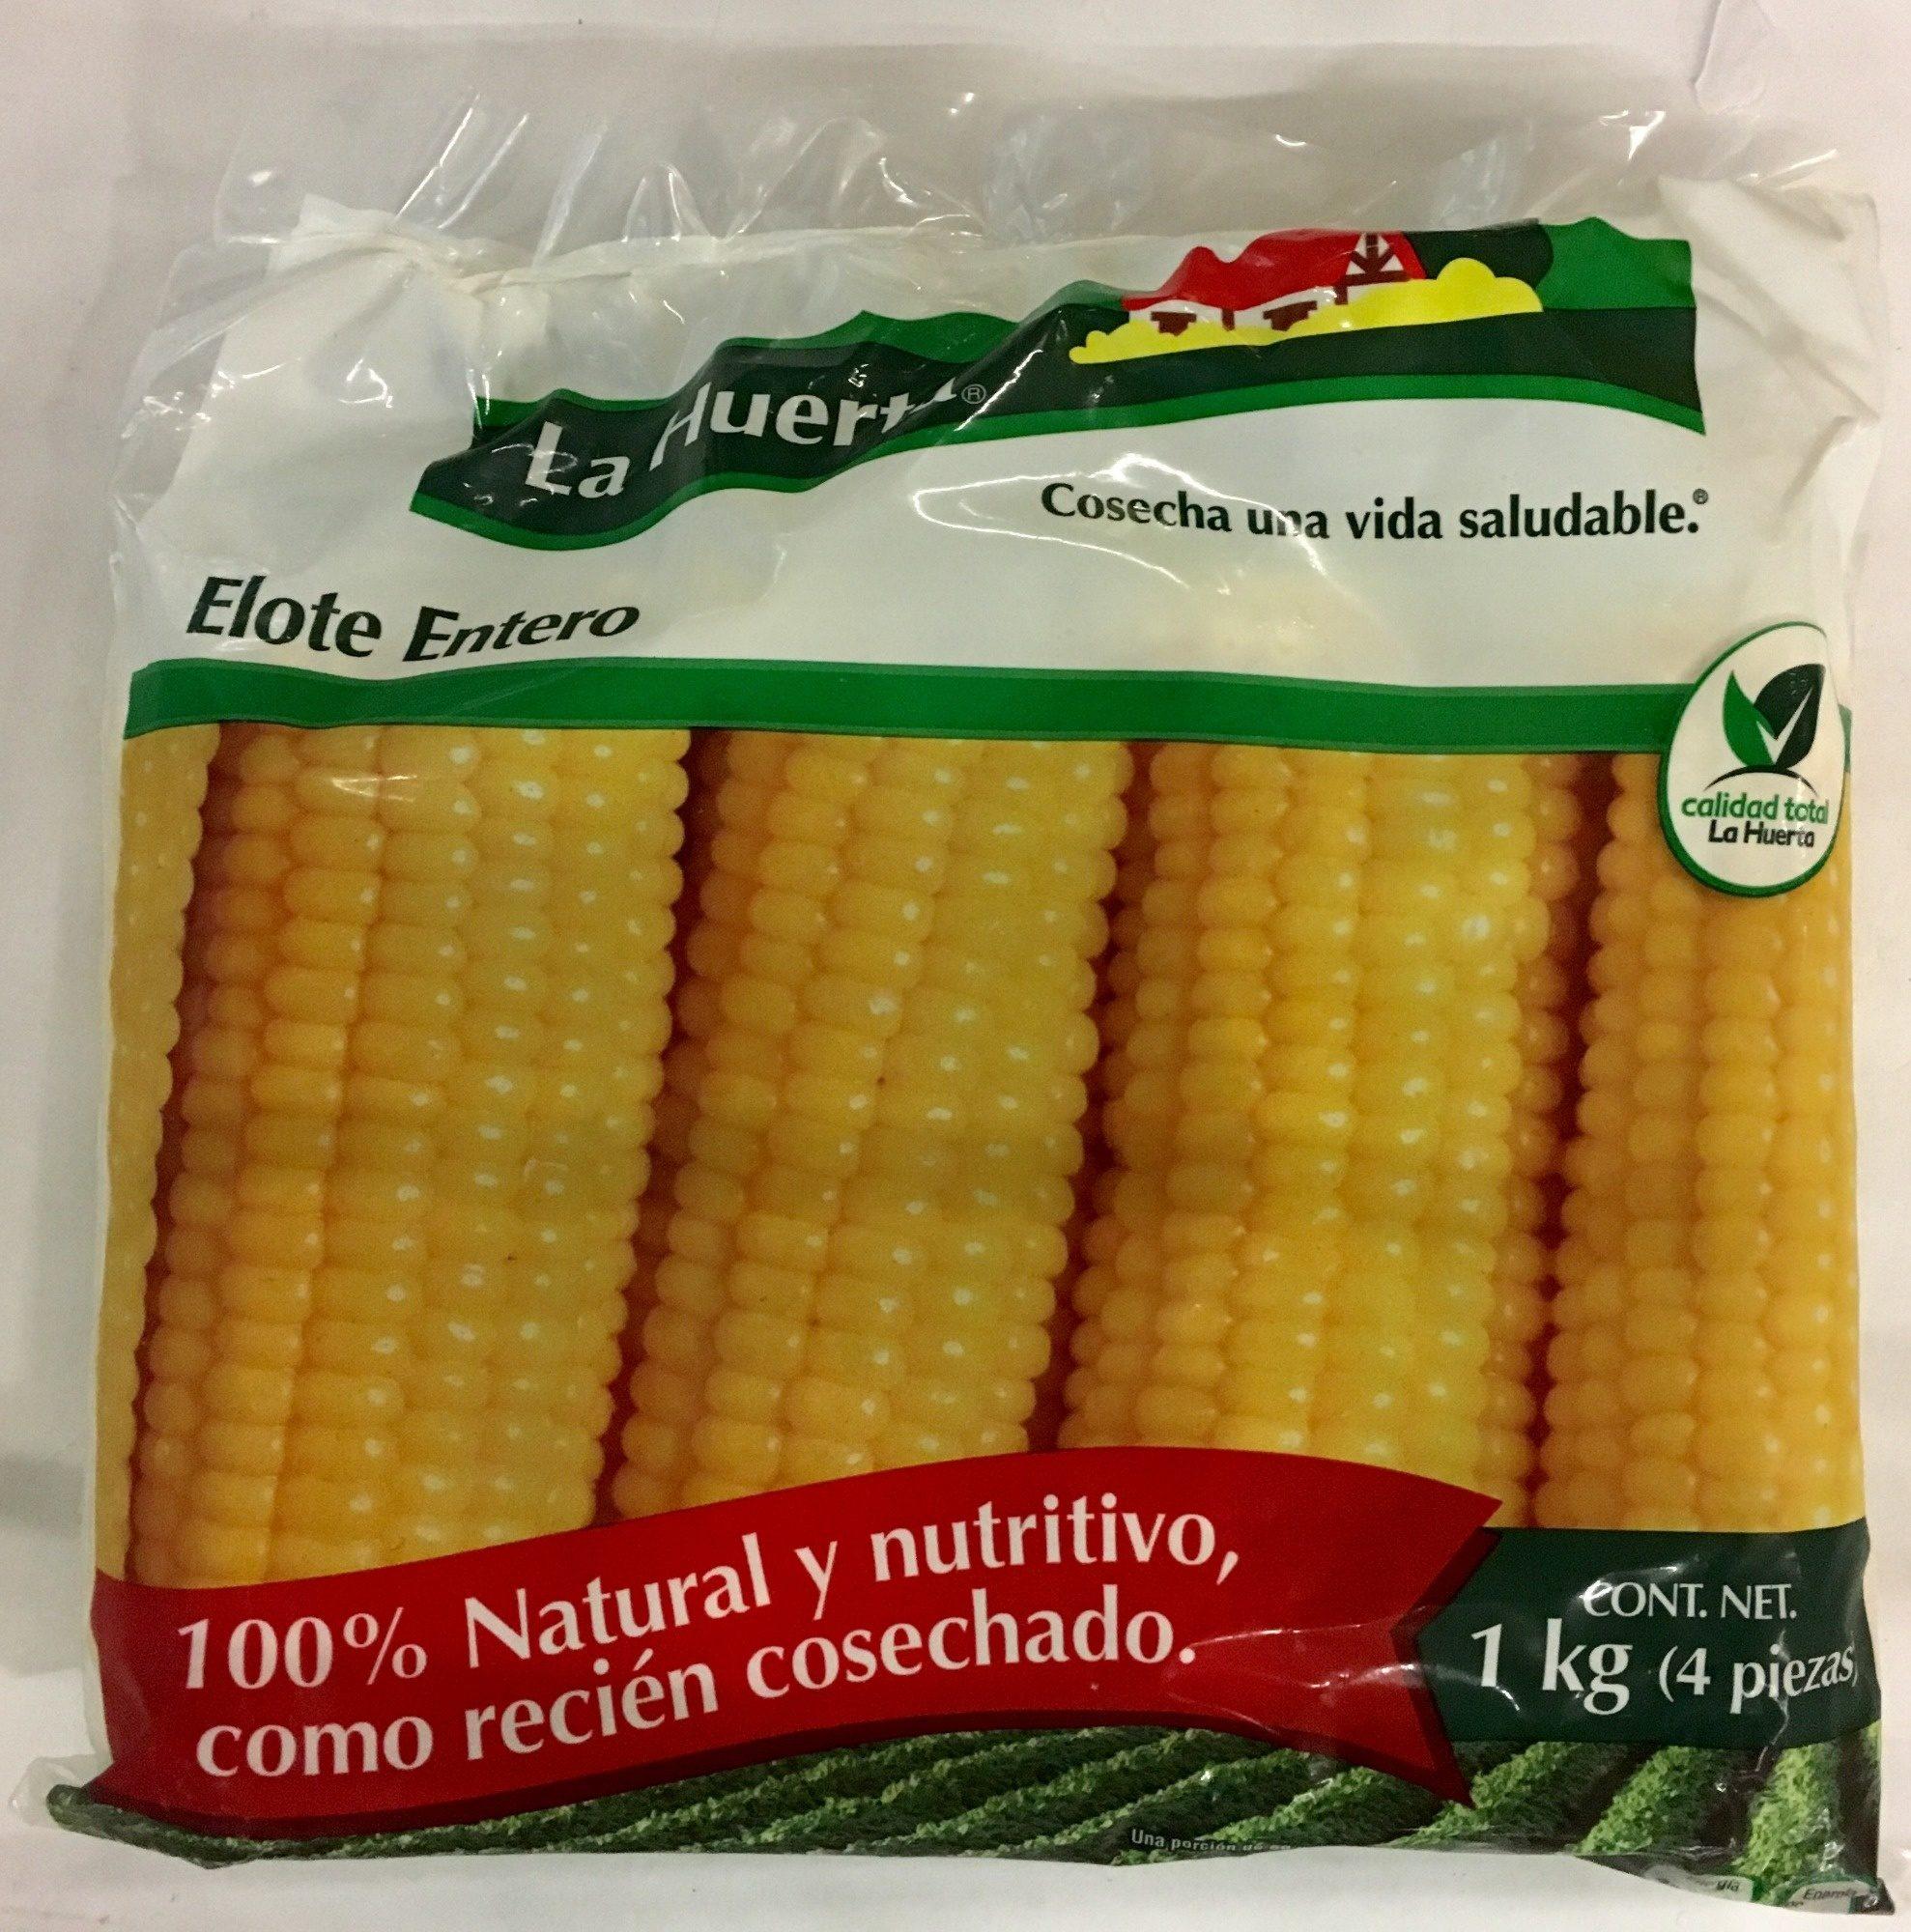 Elote Entero, La Huerta, - Product - es